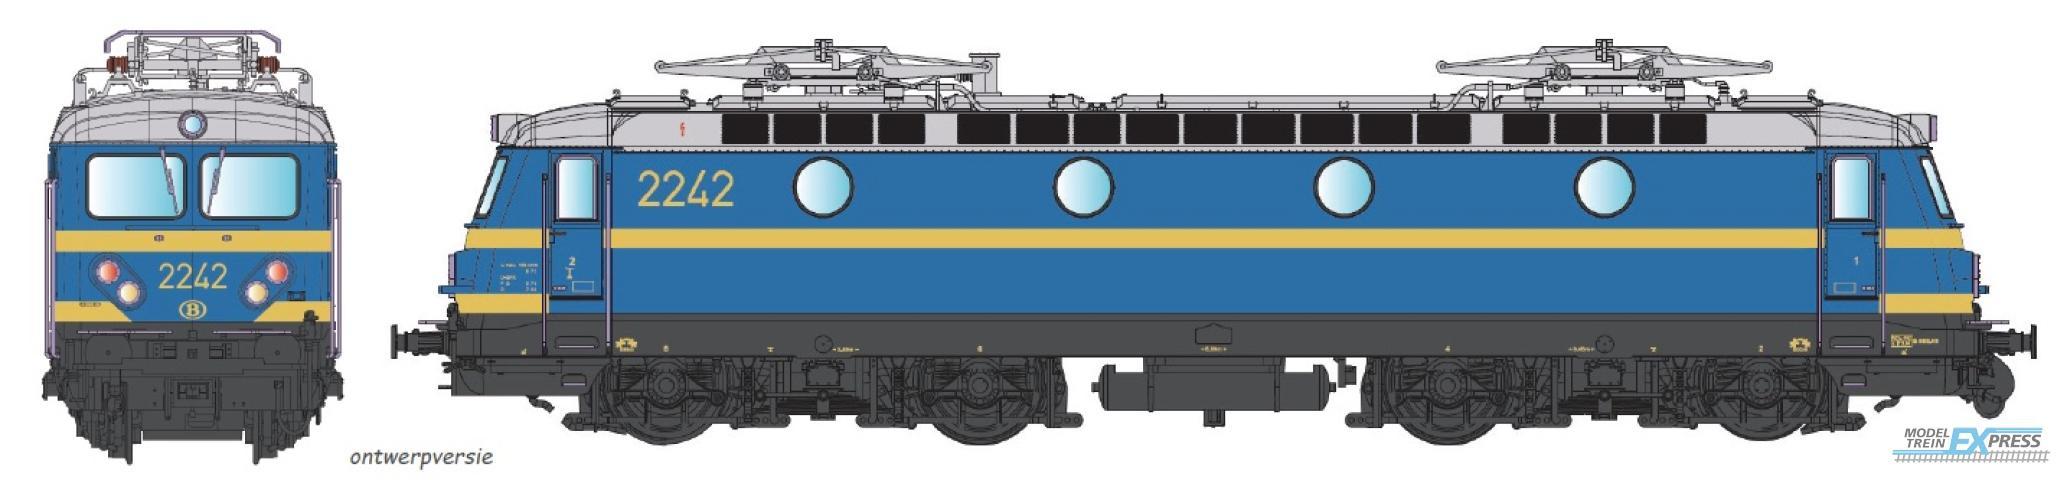 B-Models 3305.06